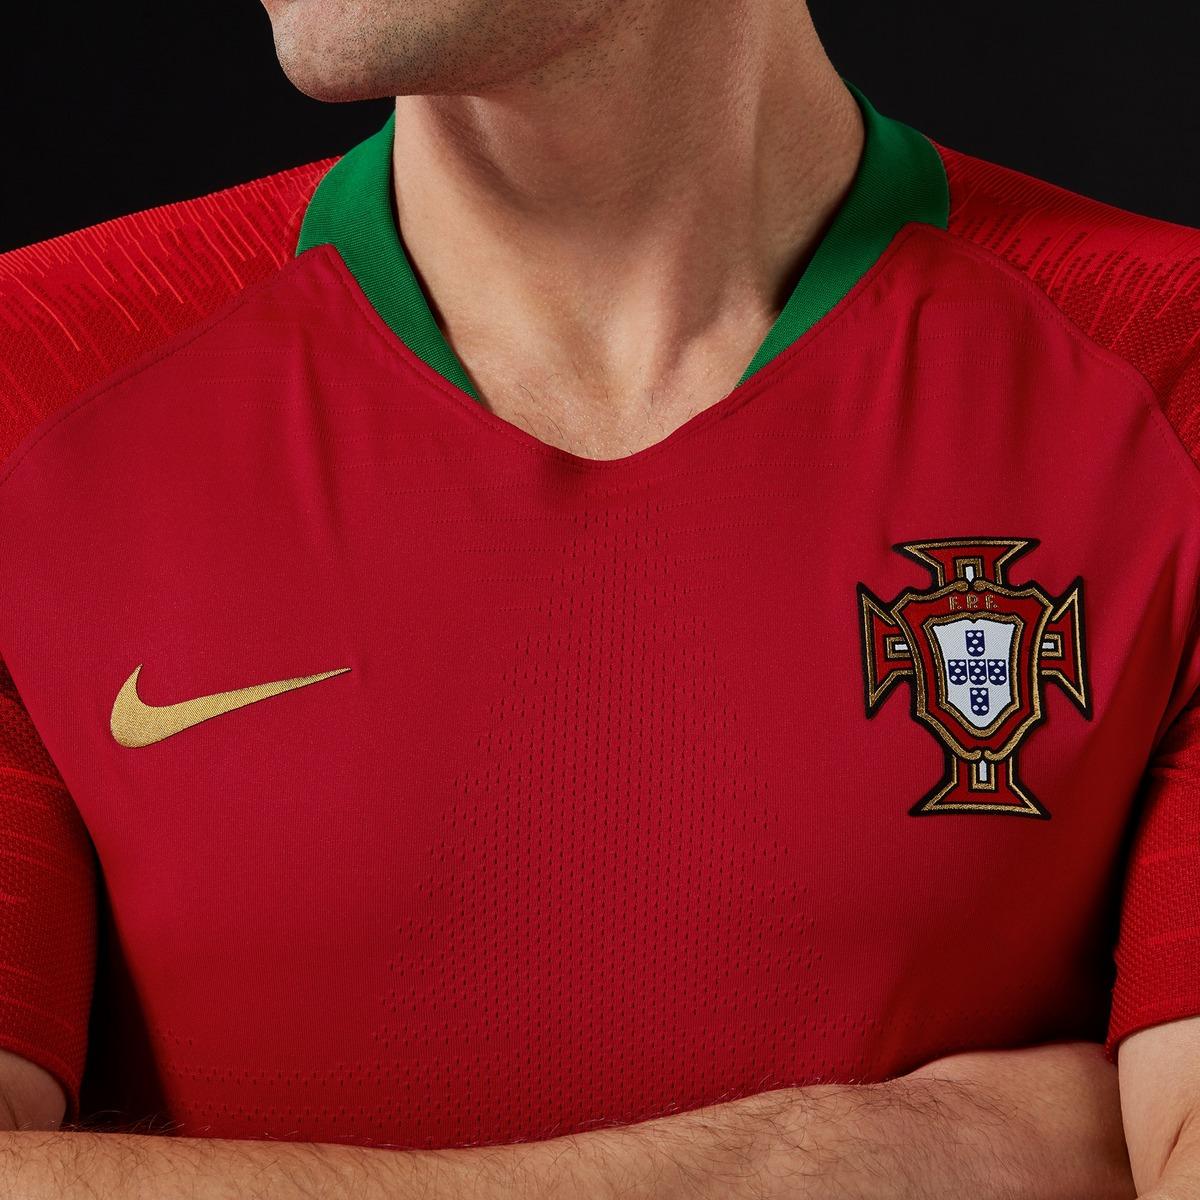 e91f71b9a226d7 Equipamentos oficiais Portugal 2018-2020 :: Fotos :: zerozero.pt